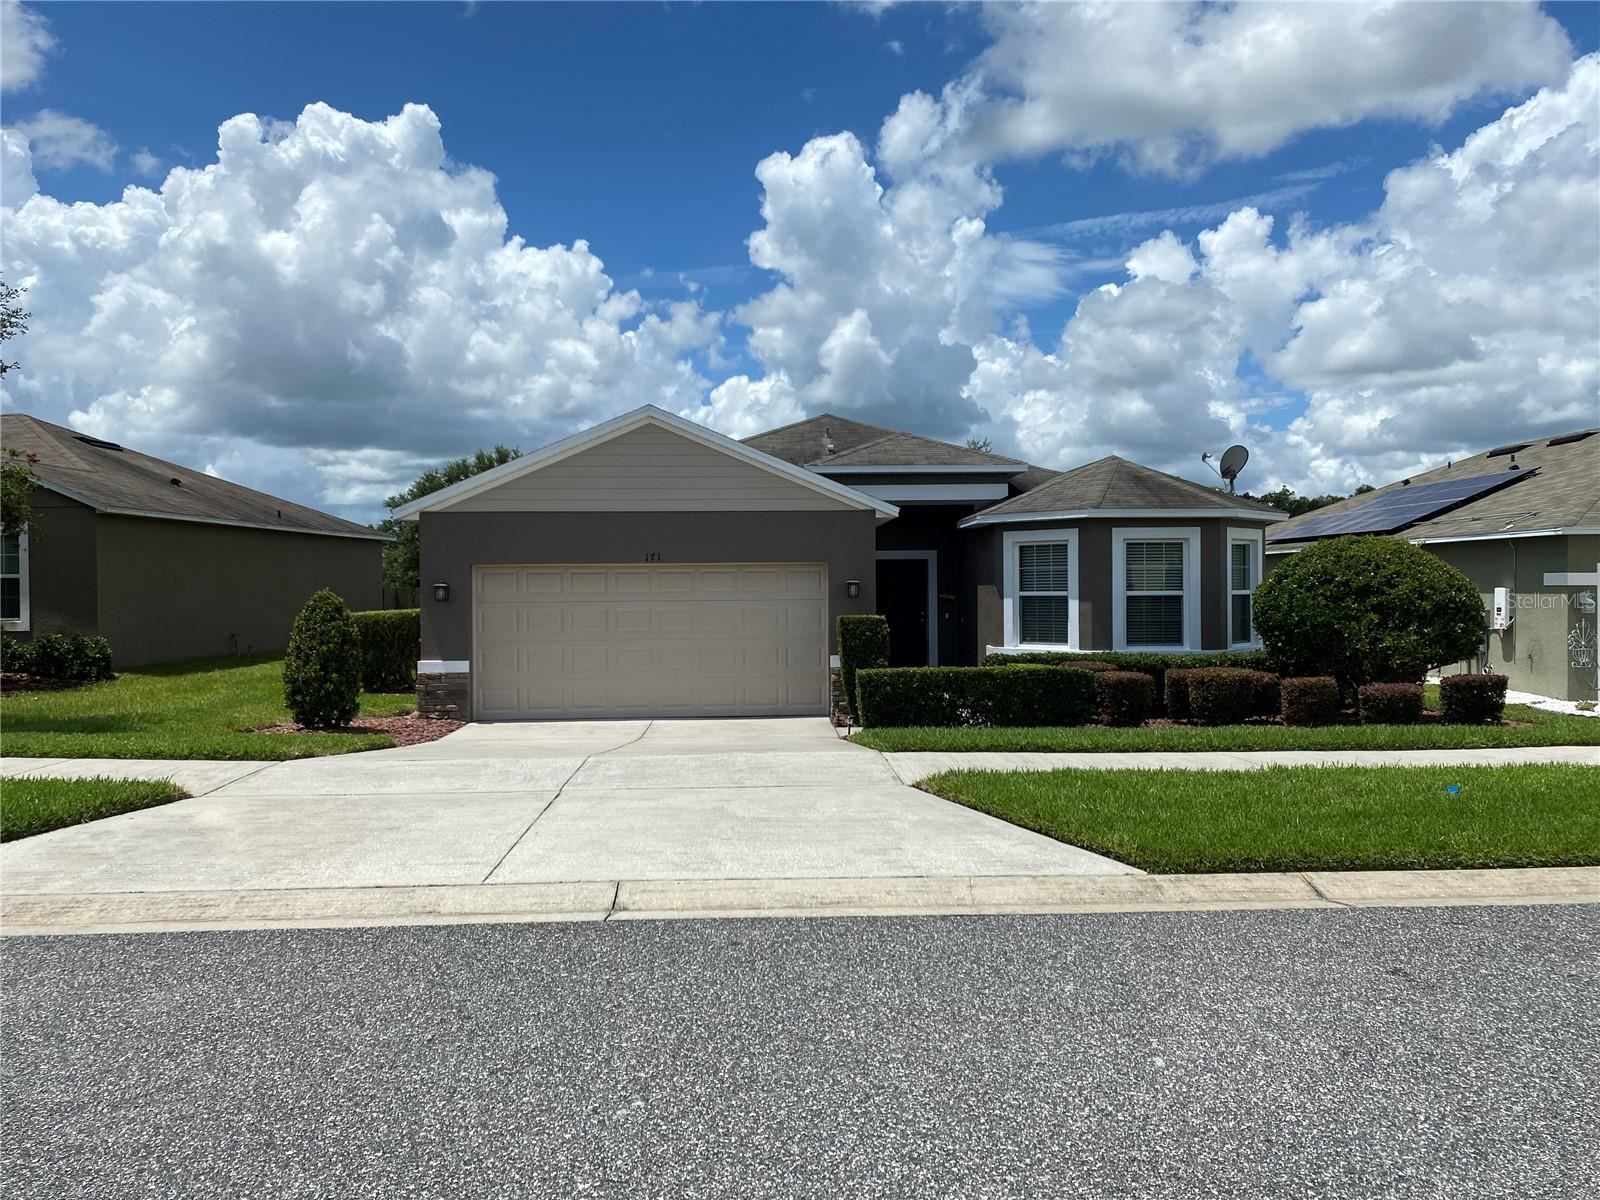 171 PRAIRIE FALCON DRIVE, Groveland, FL 34736 - #: S5055025